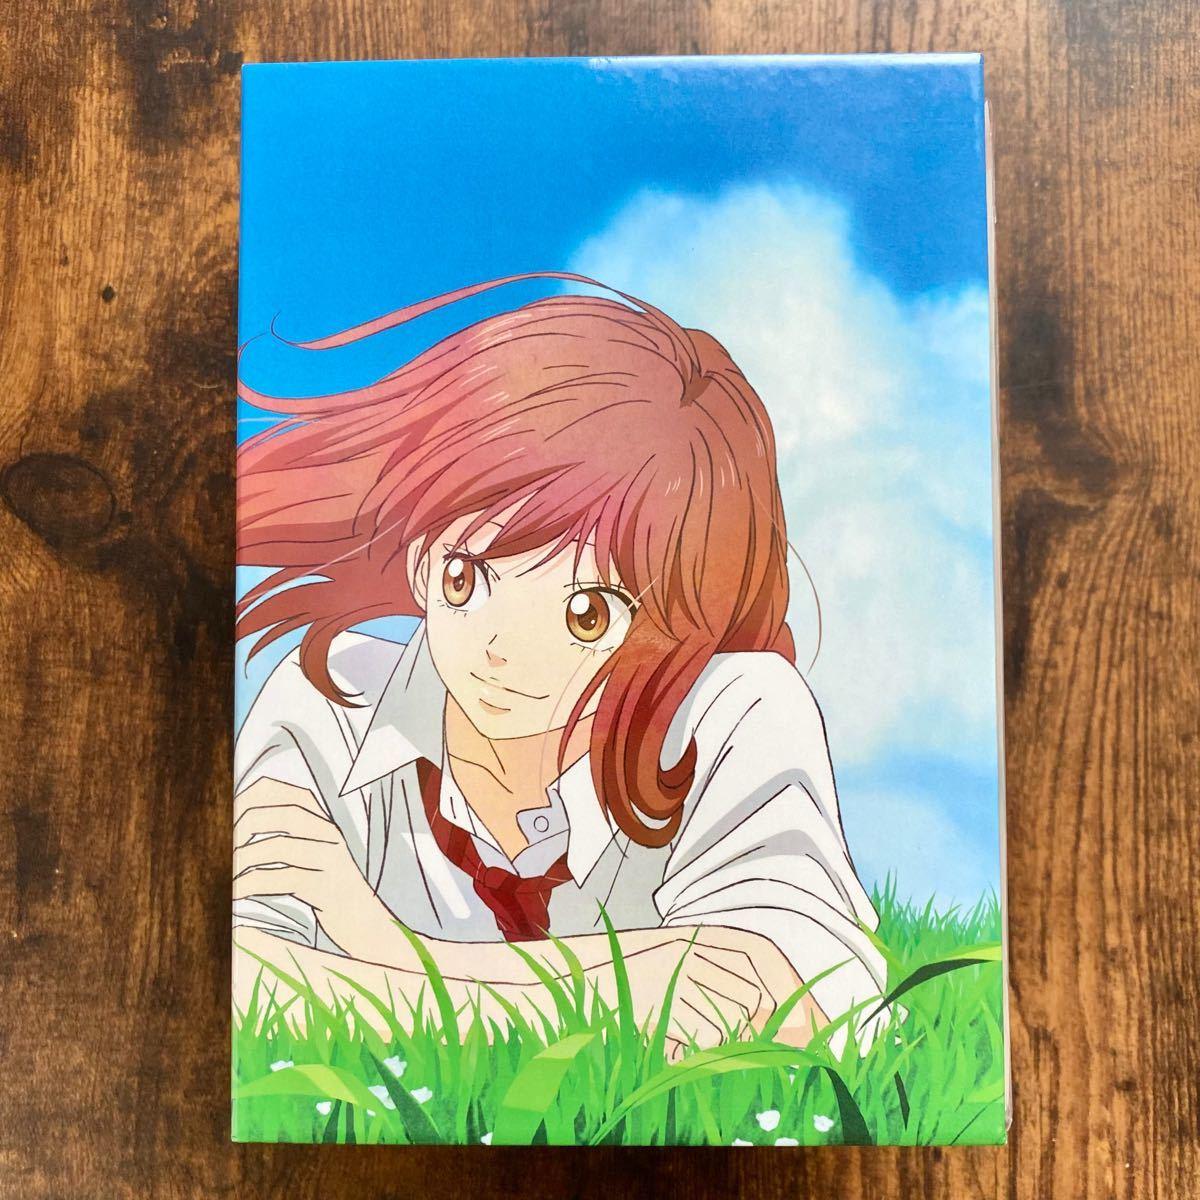 アオハライド 初回生産限定版DVD 全巻収納BOX付き